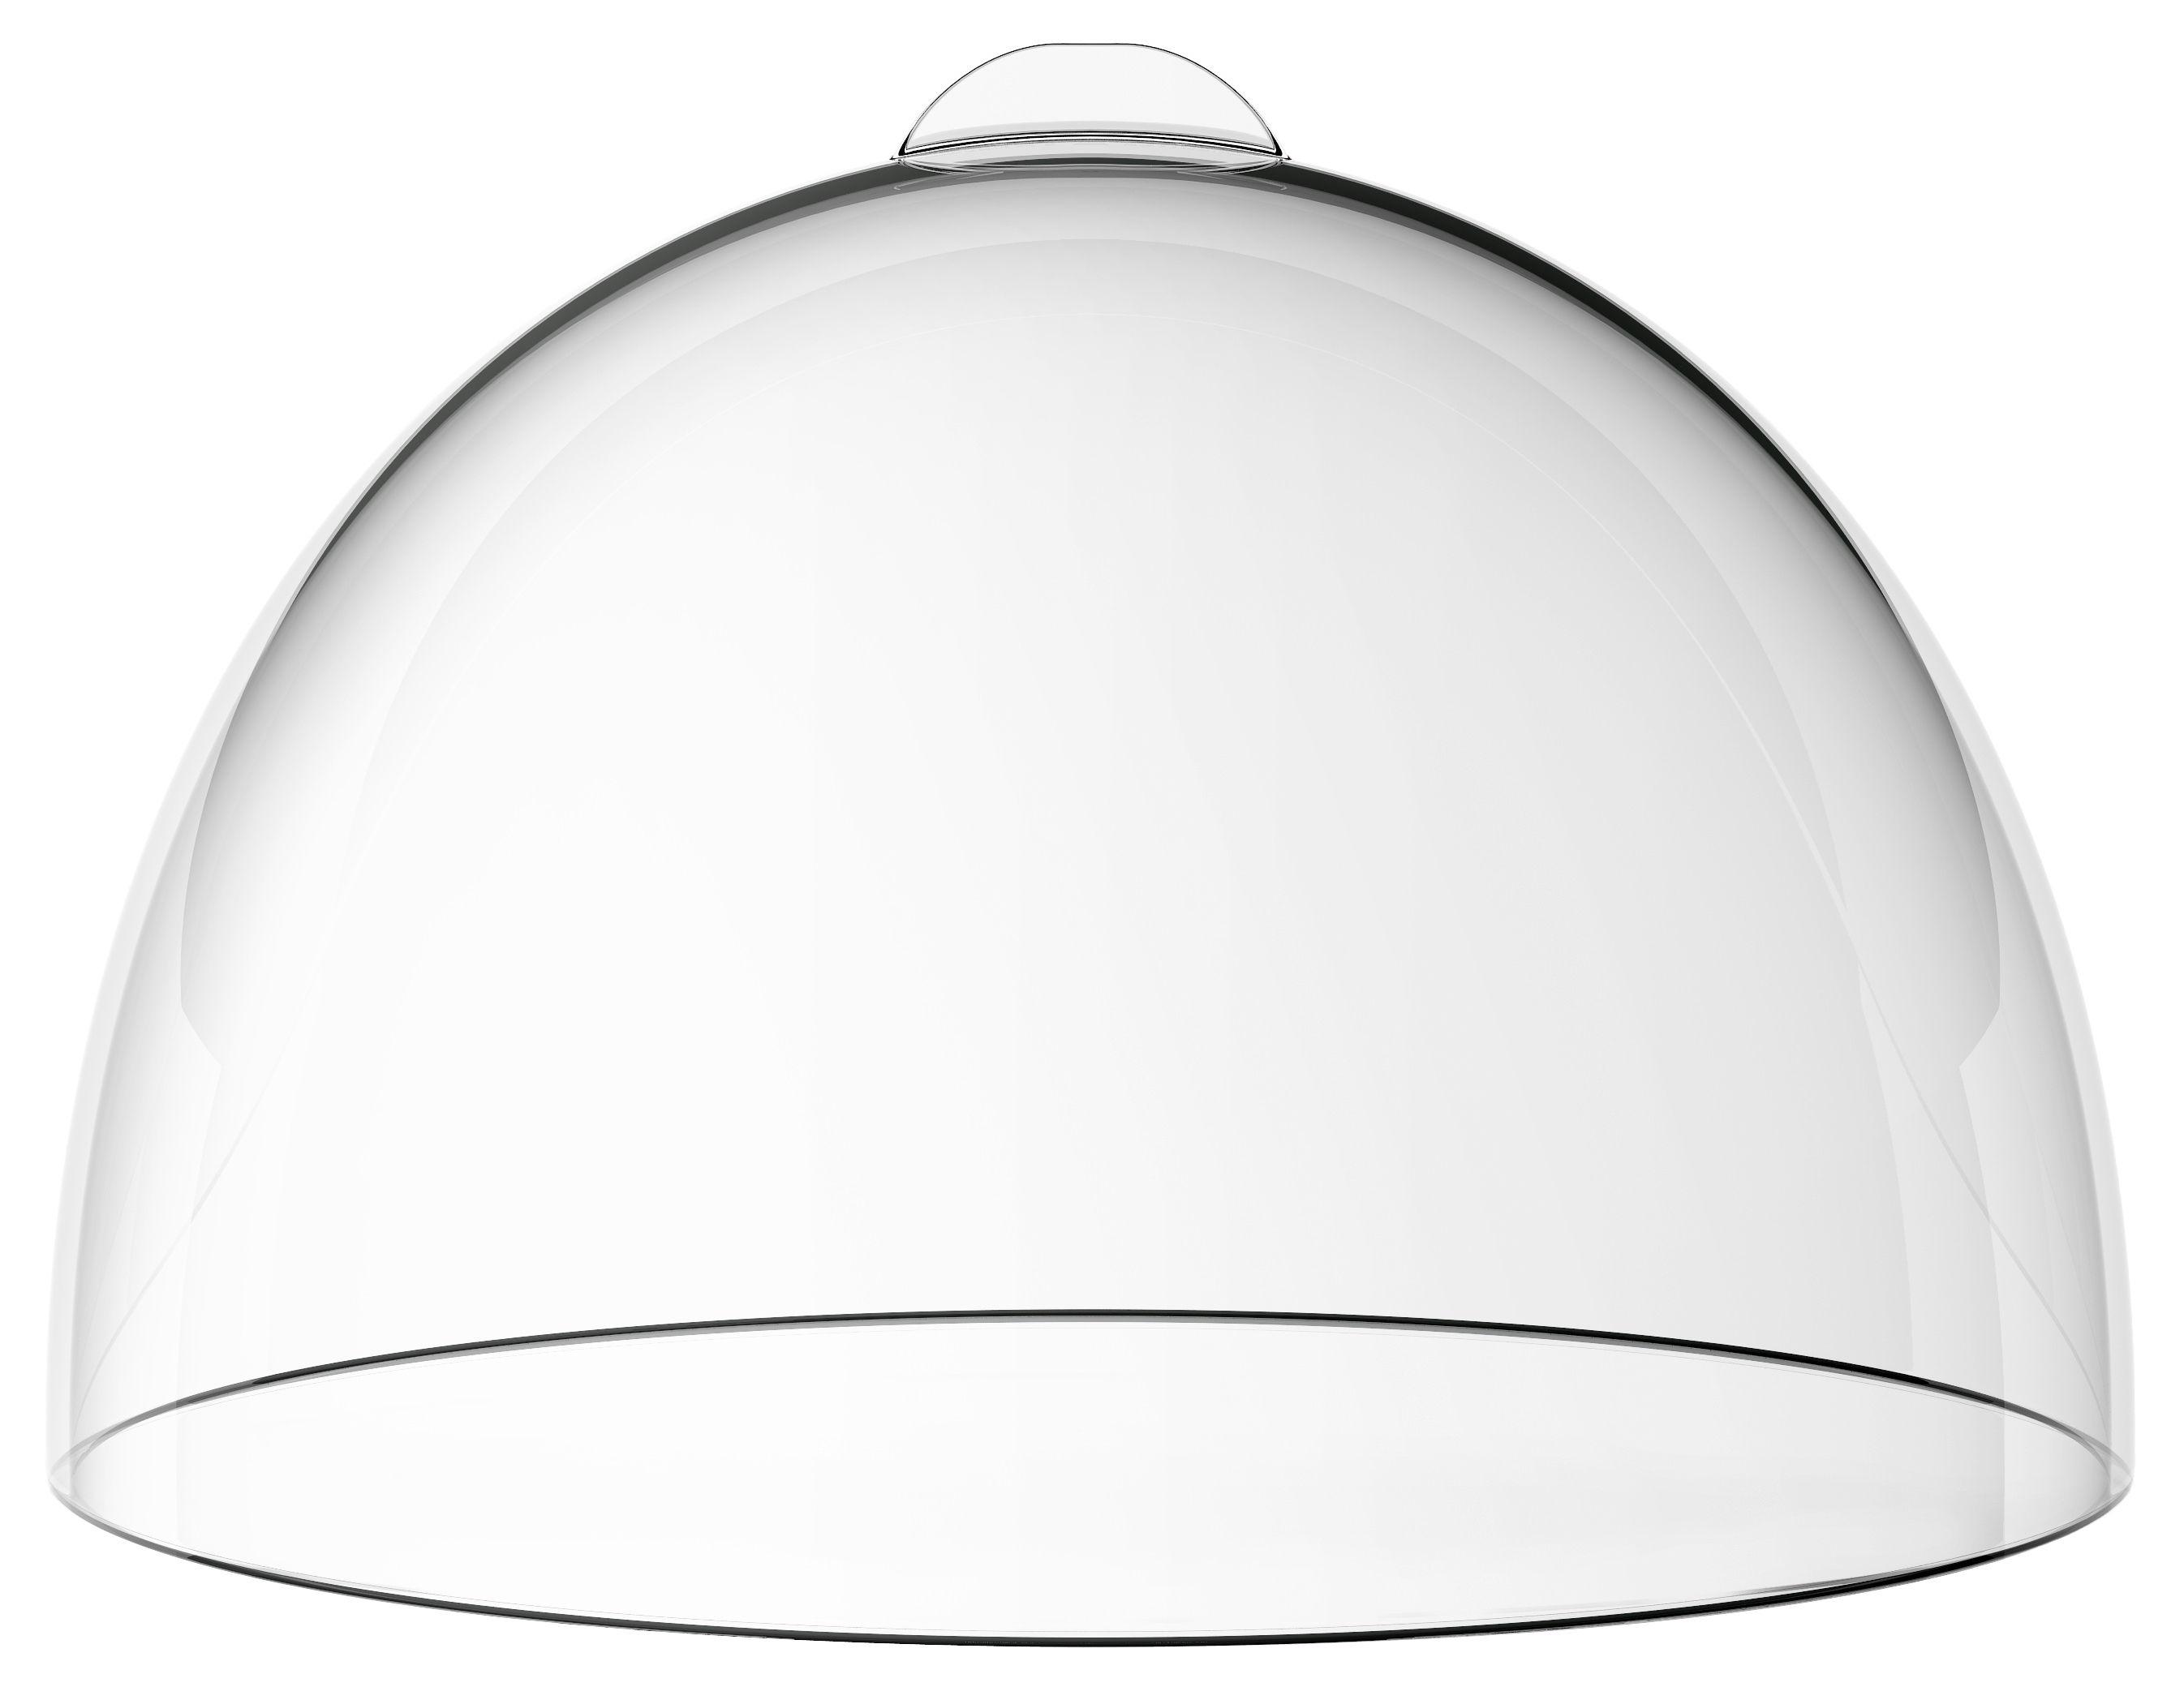 Arts de la table - Plats - Cloche / Pour Plateau à gâteau Bolle - Italesse - Transparent - Plastique SAN